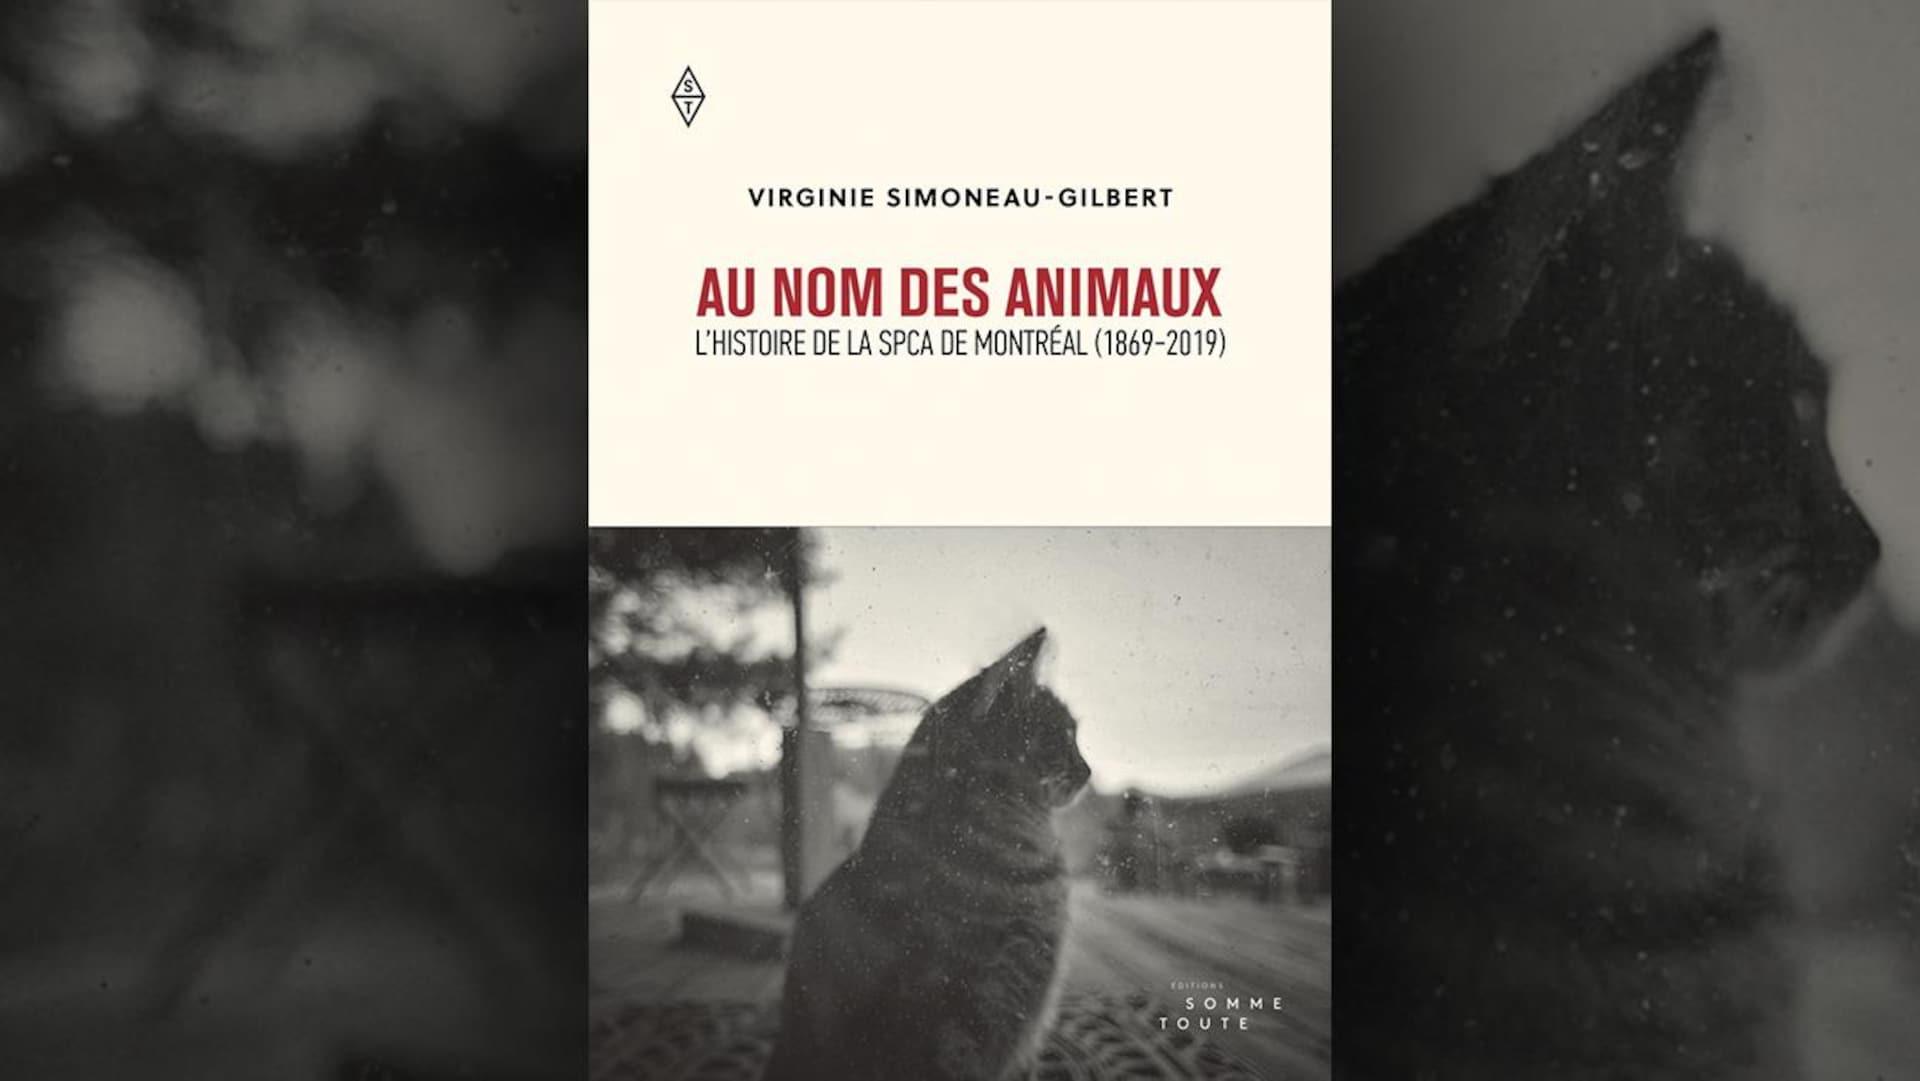 Sur la couverture du livre  Au nom des animaux : l'histoire de la SPCA de Montréal (1869-2019)  de Virginie Simoneau-Gilbert, on peut voir le portrait en noir et blanc d'un chat, de profil, sur le trottoir.